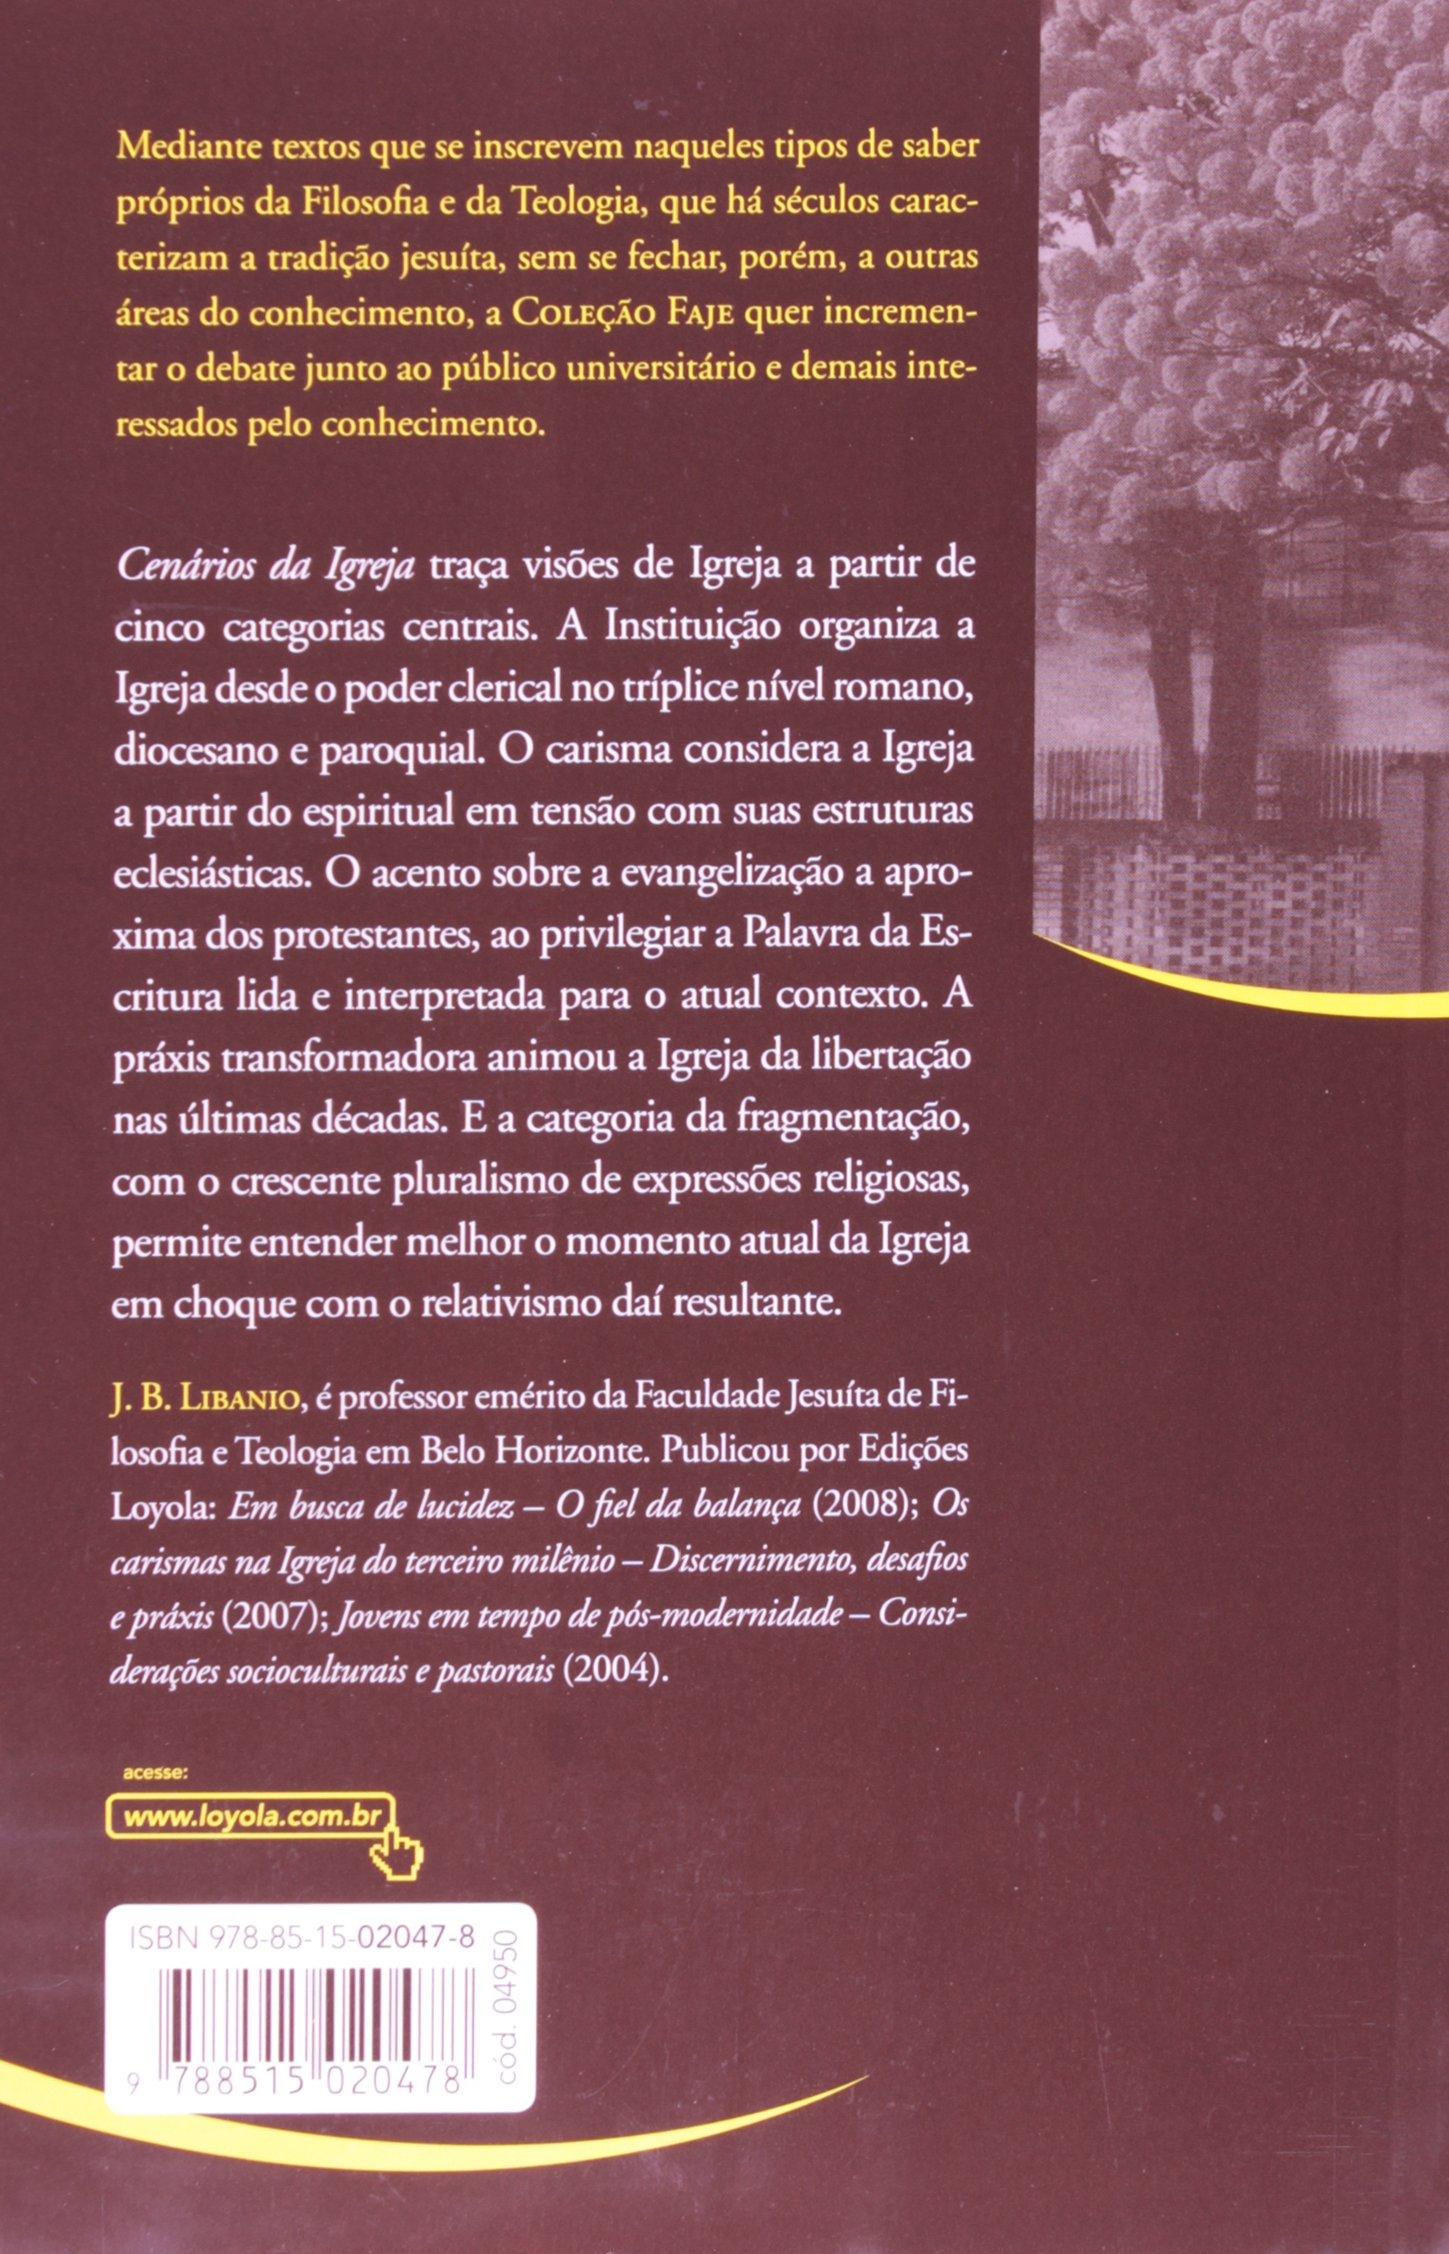 6240eb473 Cenários da Igreja - 9788515020478 - Livros na Amazon Brasil